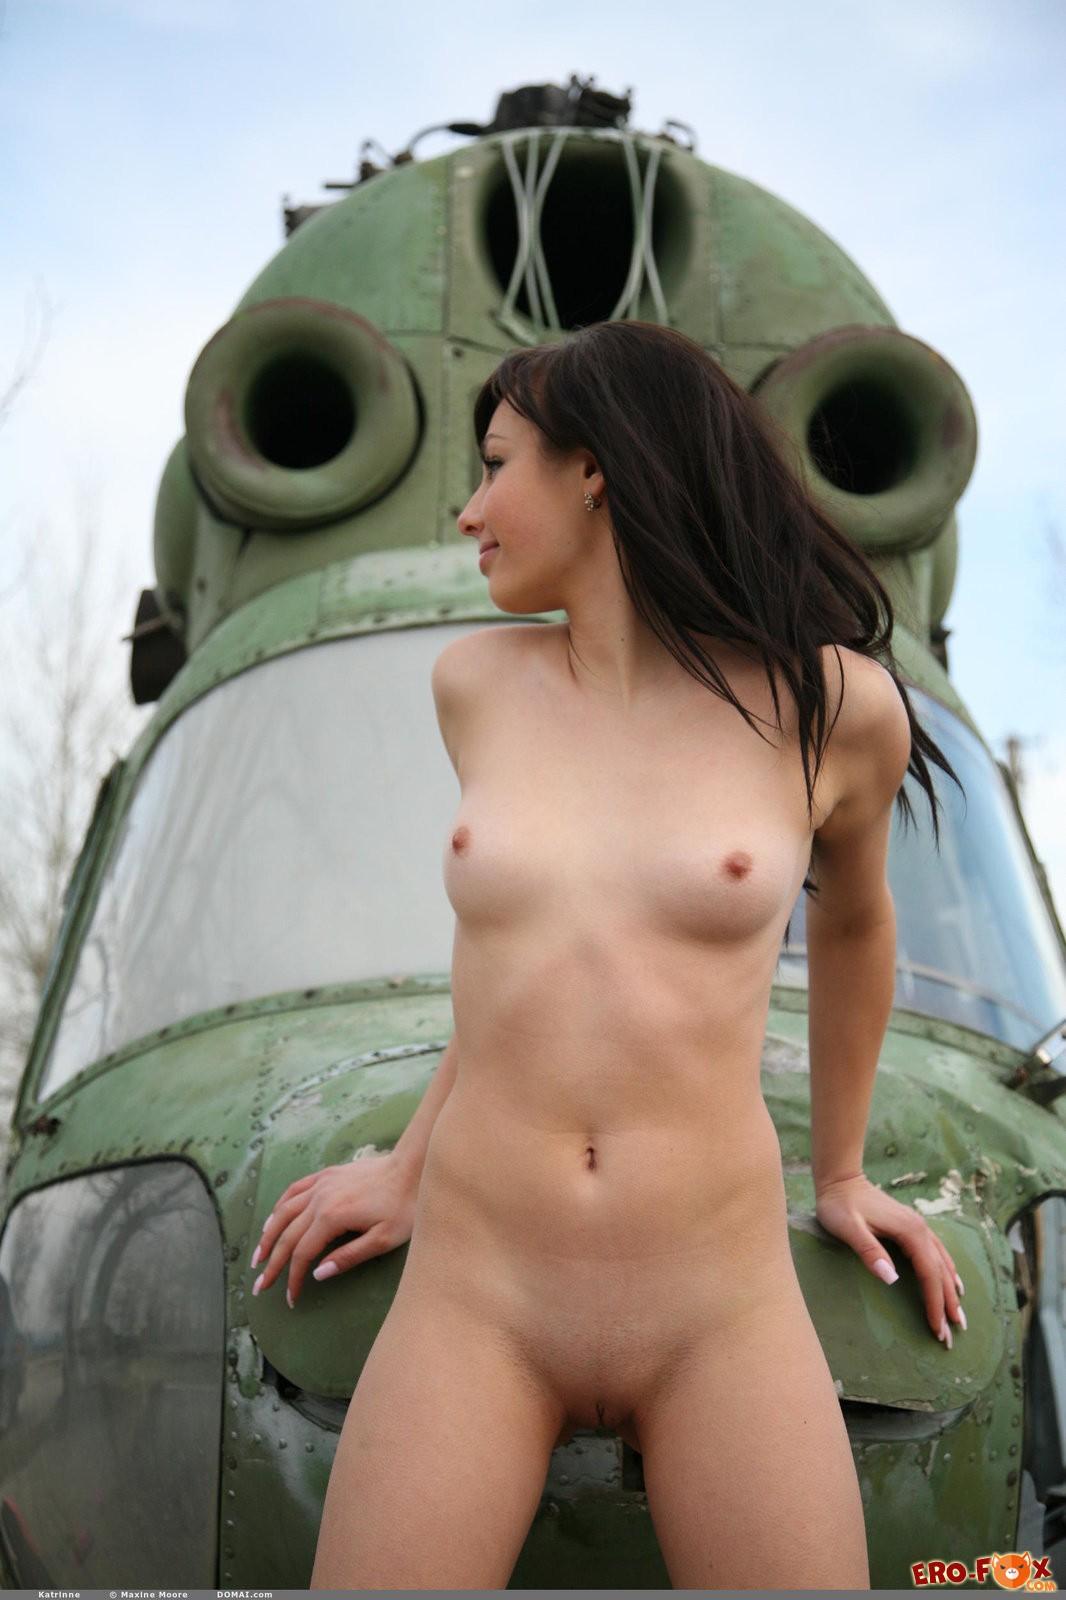 Голая русская брюнетка с упругими сиськами